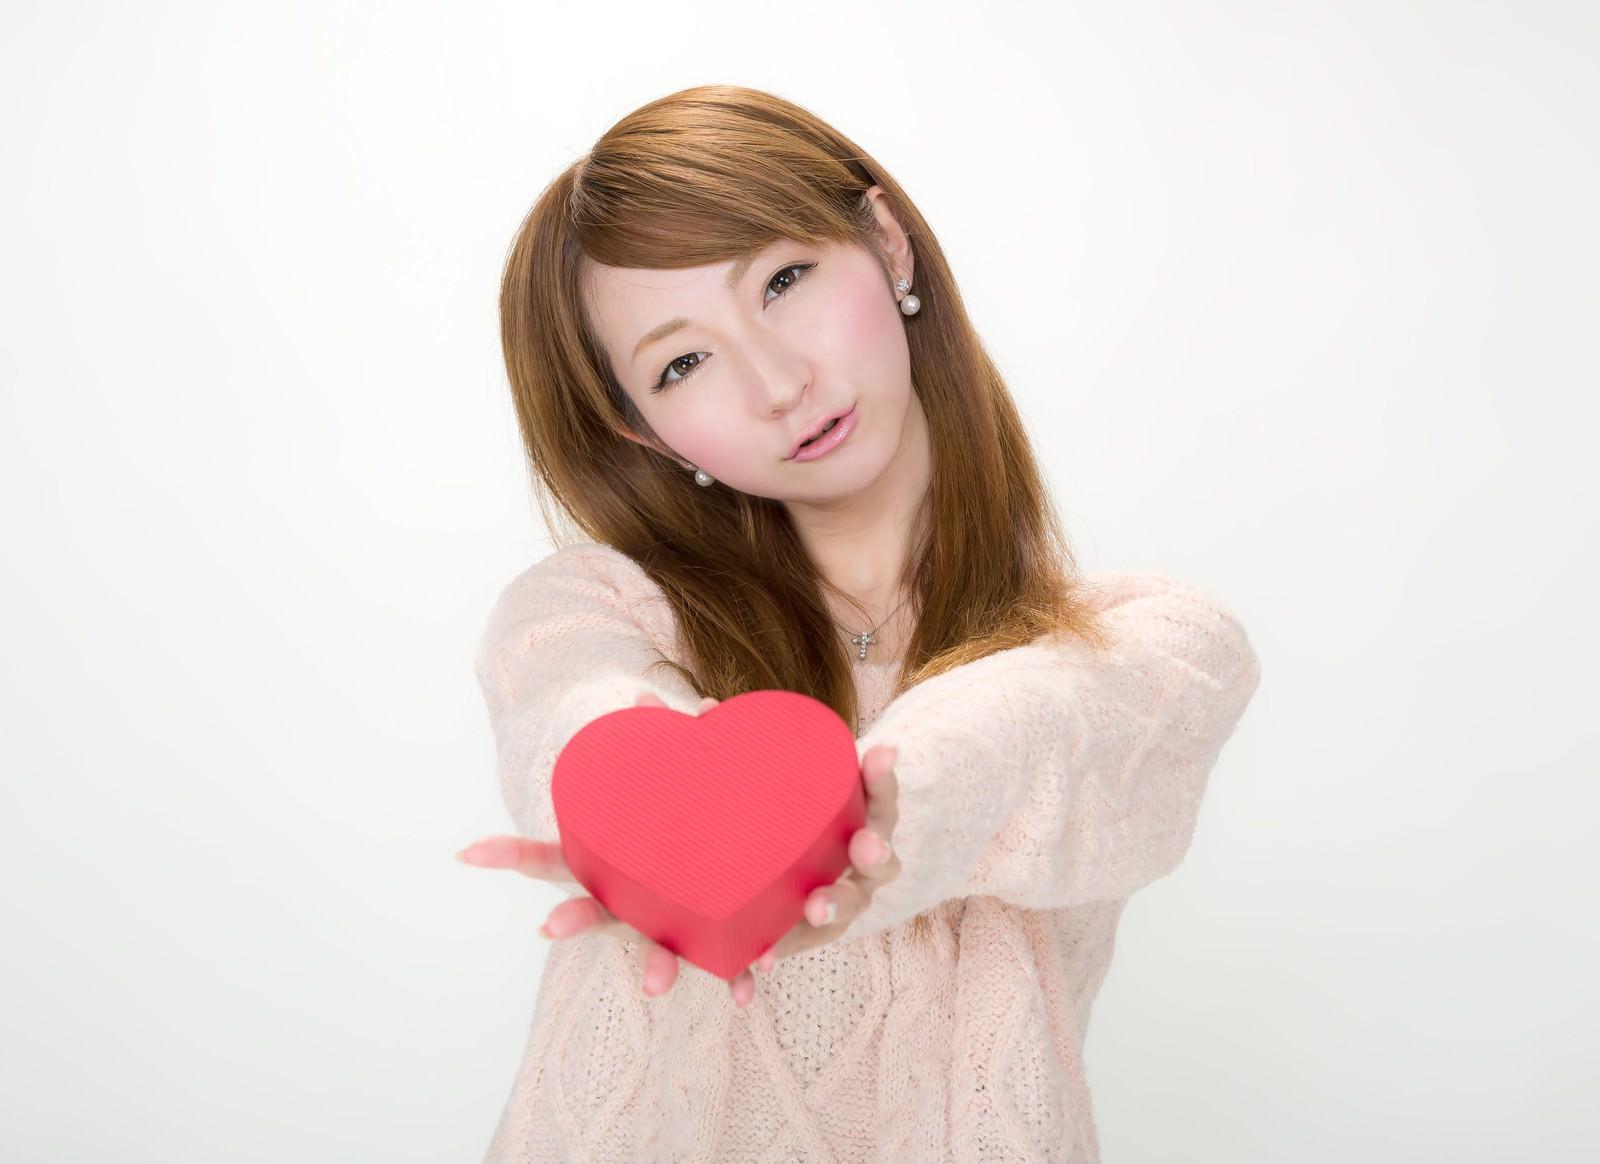 「「私の気持ちを受け取って!」とバレンタインにハート形のチョコレートを渡す女の子」の写真[モデル:to-ko]